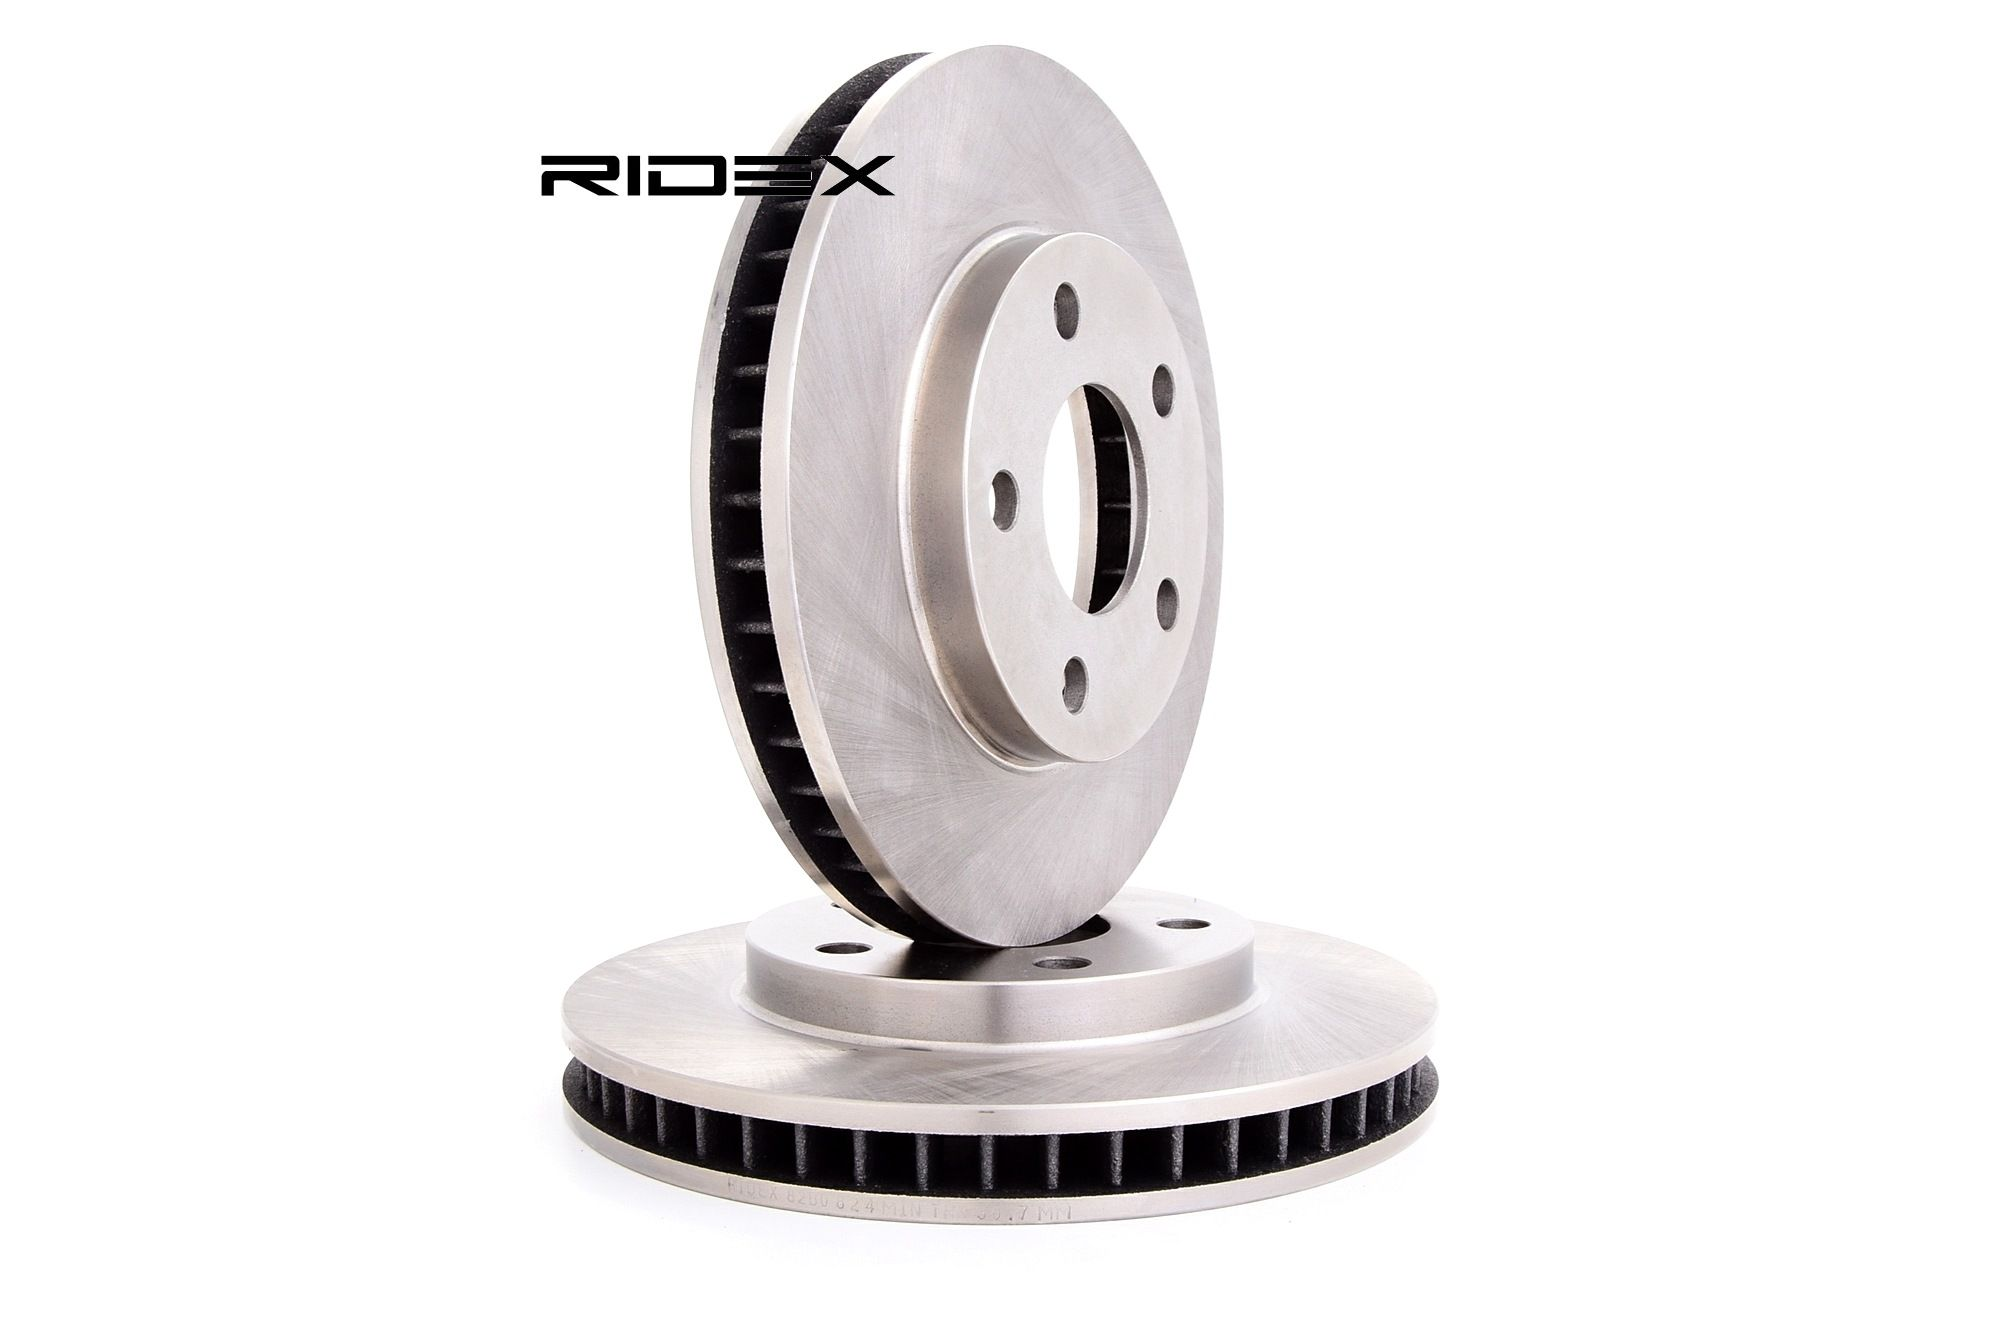 RIDEX: Original Bremsscheibe 82B0824 (Ø: 278mm, Lochanzahl: 5, Bremsscheibendicke: 32,0mm)